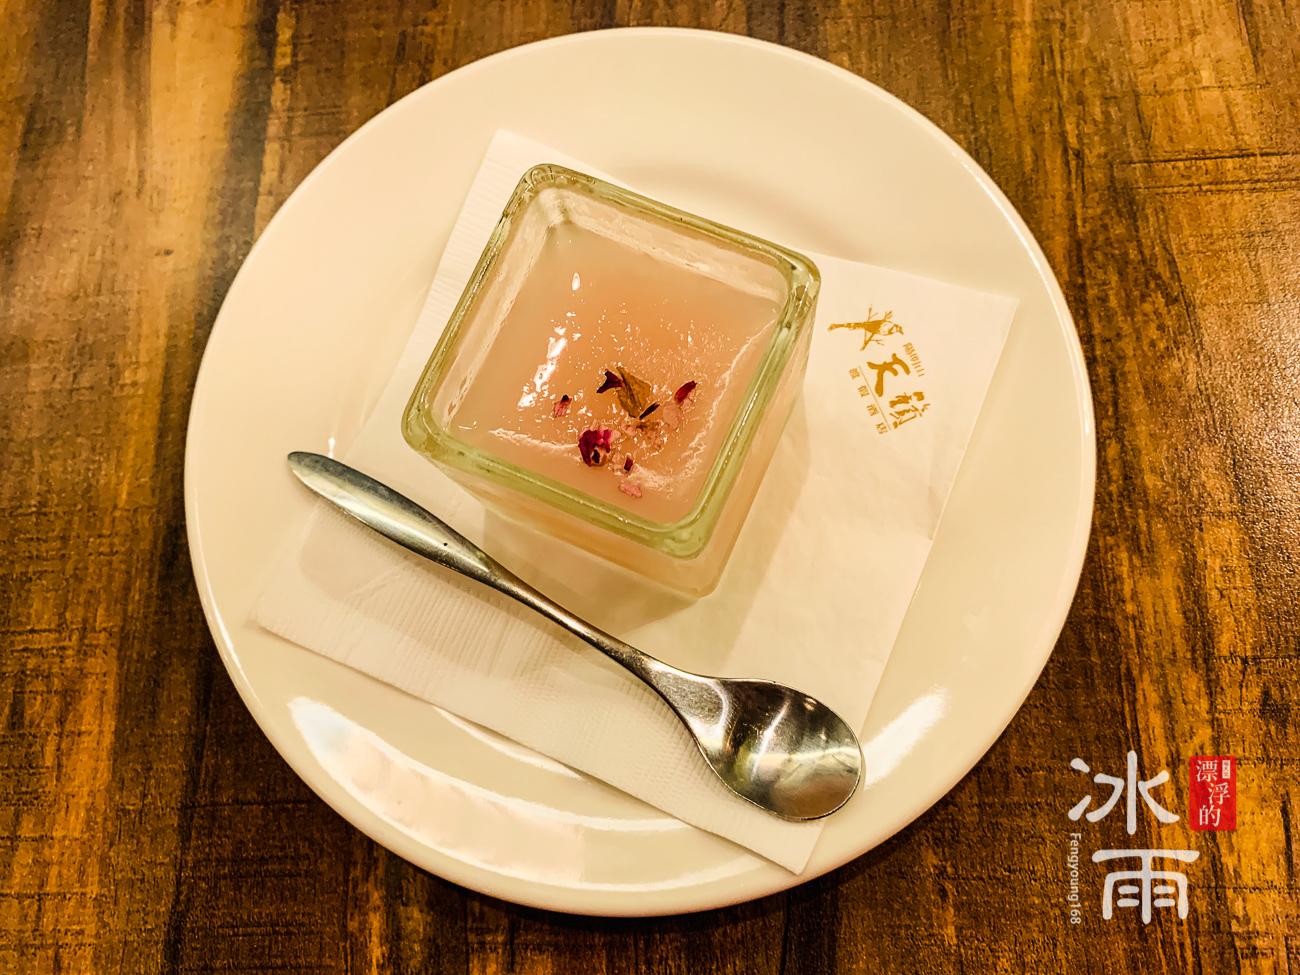 陽明山天籟渡假酒店|餐後甜點